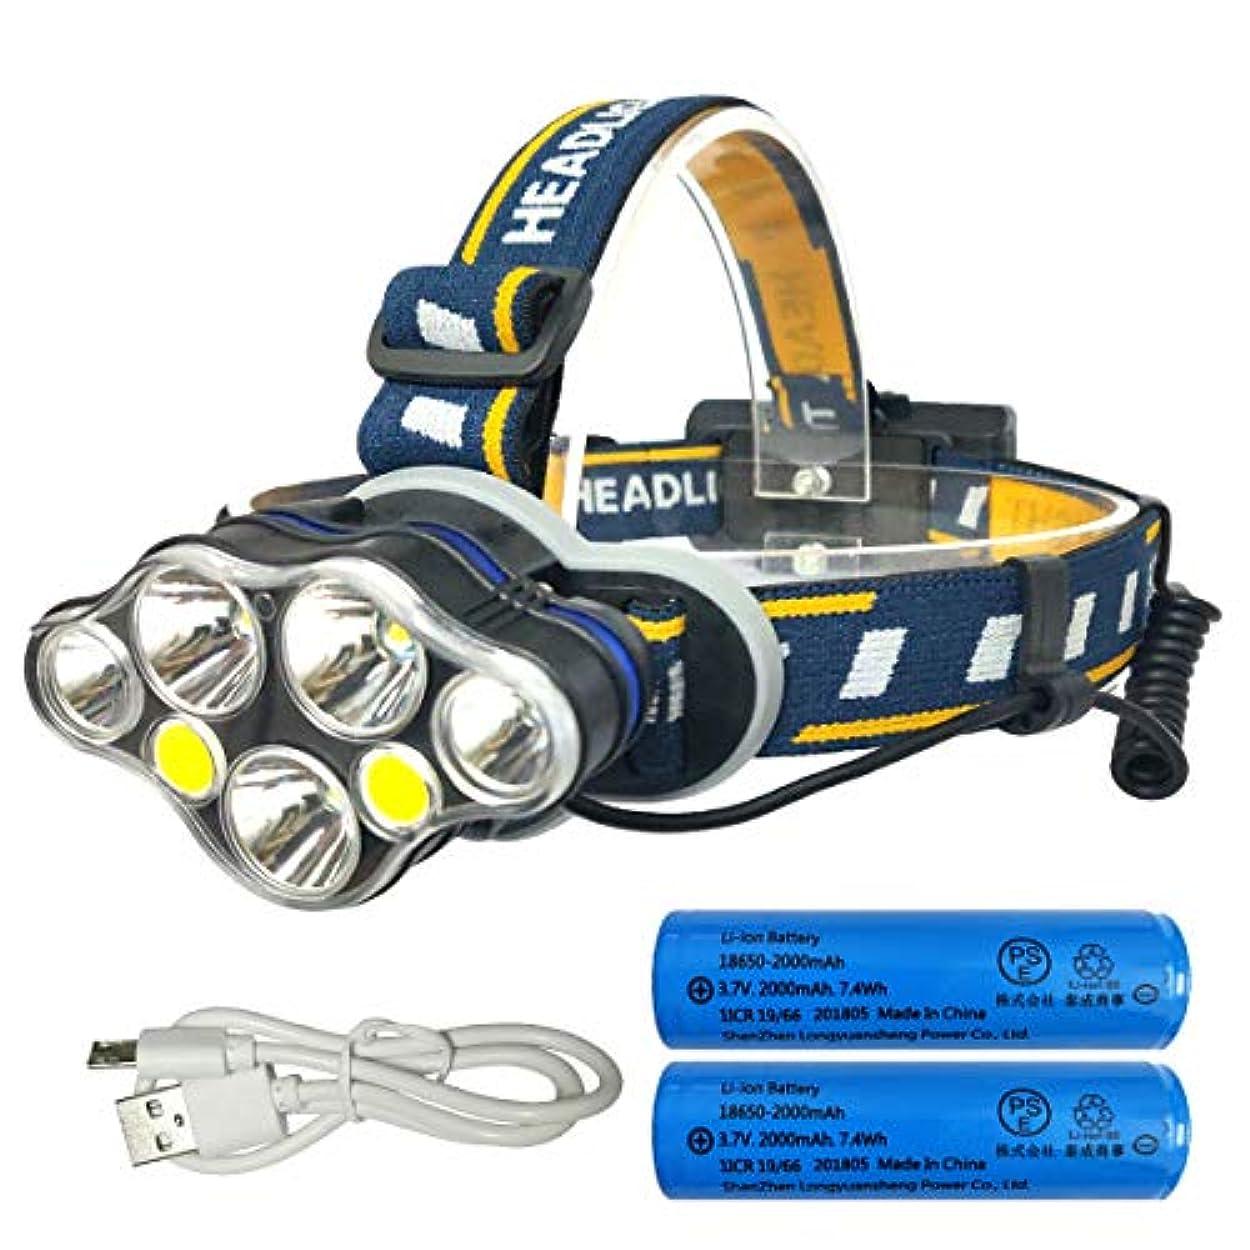 浮浪者再開海里LZW LEDヘッドライト 12500ルーメン USB充電式 防水 8点灯モード 作業灯 防災 登山 釣り ランニング 夜釣り PSE認証済み 18650型バッテリー 付属